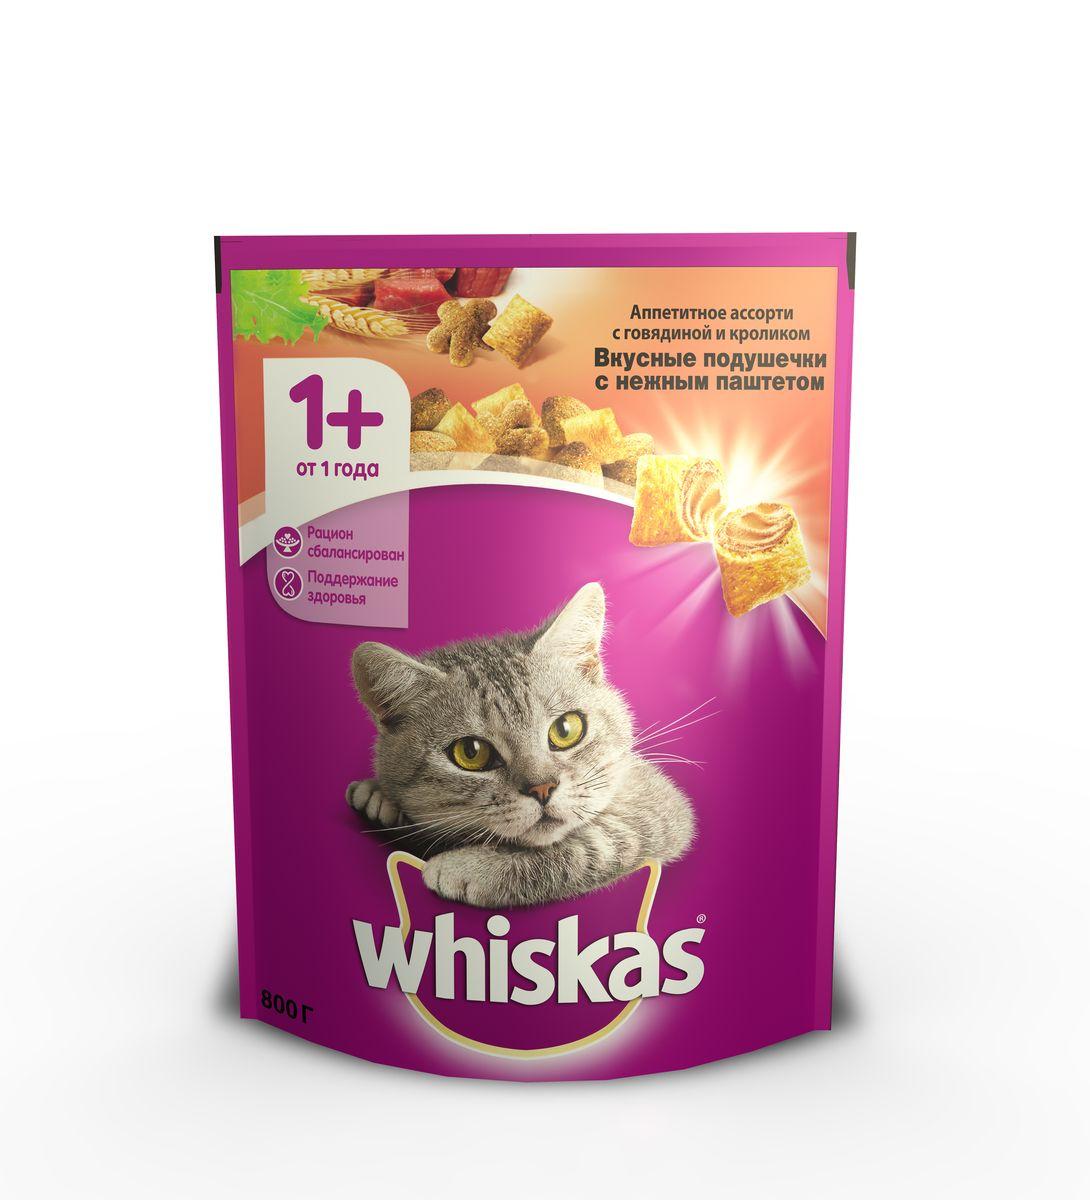 Корм сухой Whiskas для взрослых кошек, подушечки с паштетом с говядиной и кроликом, 800 г41356Корм сухой Whiskas - это полнорационный сухой корм для взрослых кошек от 1 года. Вашей кошке обязательно понравятся вкусные подушечки с аппетитной хрустящей корочкой снаружи и нежным паштетом внутри. В составе корма есть все, чтобы позаботиться о вашей любимице, ведь ее рацион должен быть не только вкусным, но и тщательно сбалансированным. В корме в правильных пропорциях собраны все необходимые витамины и минералы, белки, жиры и углеводы, чтобы поддержать ее здоровье. Особенности: - Оптимальное соотношение питательных веществ и нутриентов для поддержания обмена веществ; - Витамин Е и цинк для иммунитета; - Омега-6 и цинк для здоровья кожи и шерсти; - Баланс кальция и фосфора для здоровья костей; - Витамин А и таурин для хорошего зрения; - Высокоусвояемые ингредиенты и клетчатка для пищеварения; - Сухая текстура корма для удаления зубного налета. Состав: пшеничная мука, мука животного происхождения: мука из птицы, мука из говядины, мука из кролика (говядины и кролика не менее 4% в красно-коричневых гранулах), растительные белковые экстракты, злаки, животные жиры и растительное масло, высушенная куриная и свиная печень, пивные дрожжи, свекольный жом, минеральные и витаминные смеси. Пищевая ценность (100 г): белок 36 г, жир 11,5 г, зола 8,5 г, влажность не более 10 г, клетчатка 1,5 г, витамин А 1200 МЕ, витамин D3 120 МЕ, витамин Е 15 мг, кальций 1,2 г, фосфор 1 г, цинк 10 мг, линолевая кислота (Омега-6) 1,5 г, а также таурин, метионин и витамины группы В. Энергетическая ценность (100 г): 370 ккал / 1548 кДж. Товар сертифицирован.